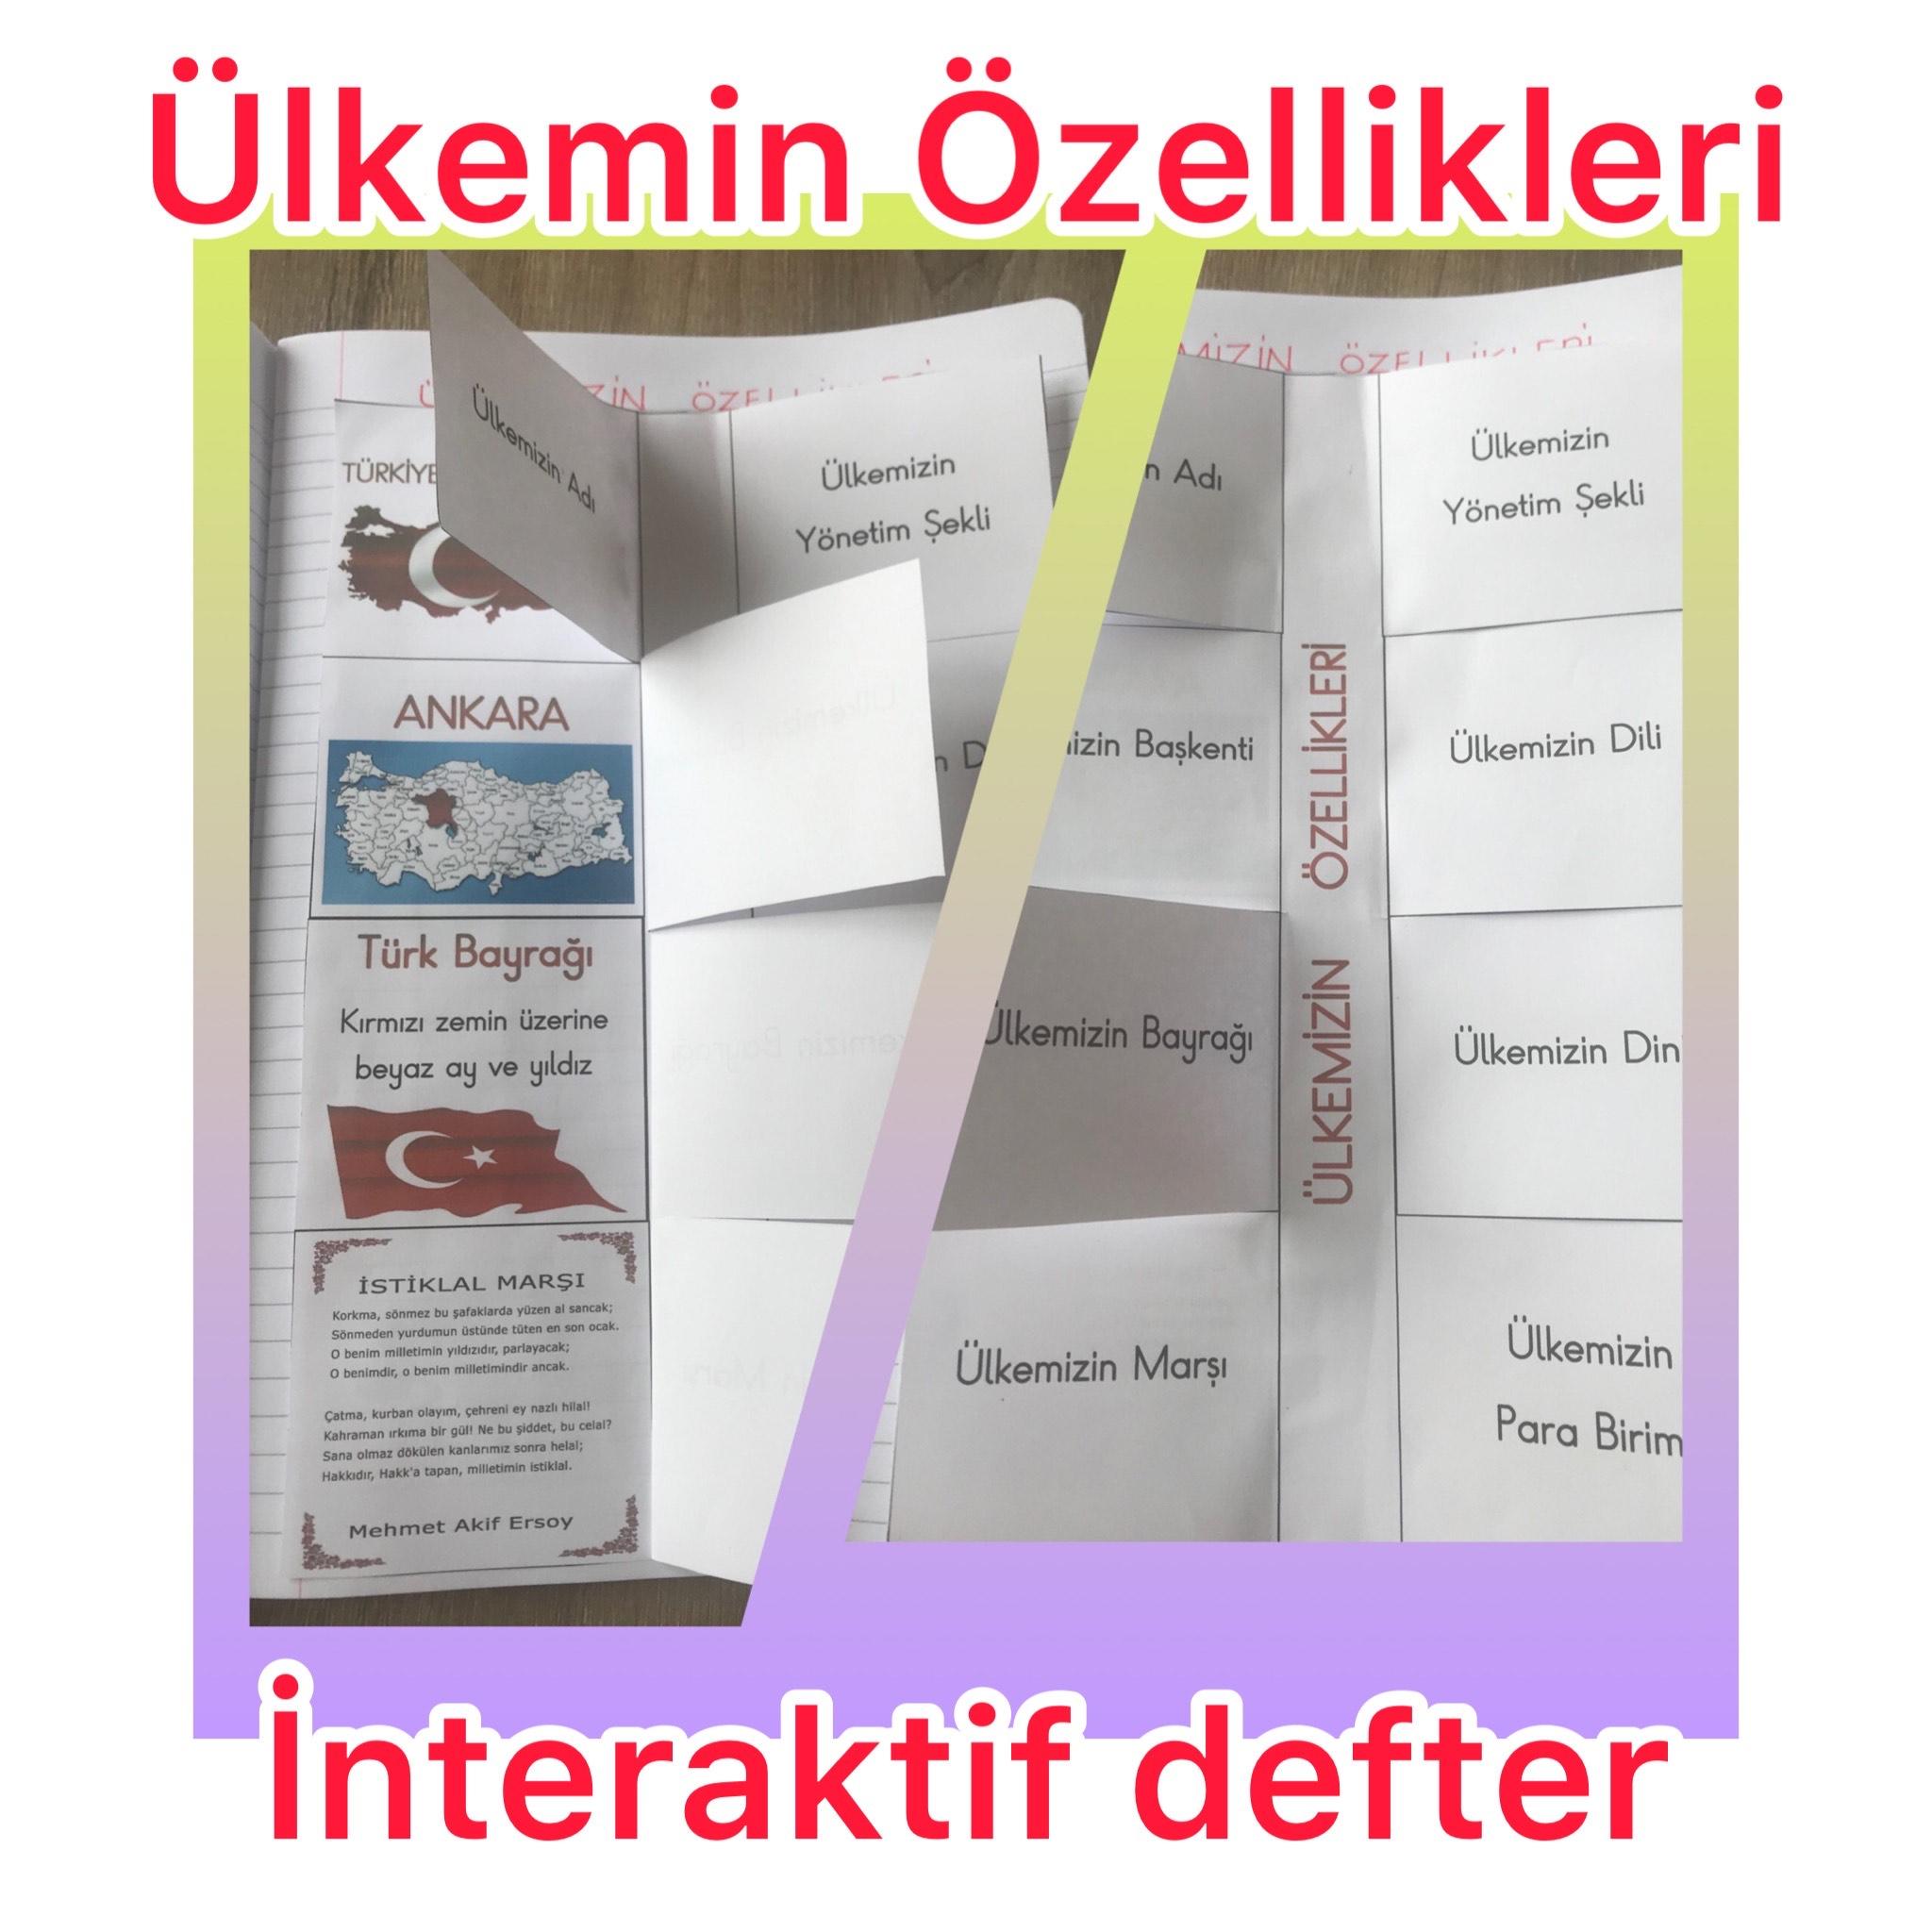 ÜLKEM TÜRKİYE İNTERAKTİF DEFTER